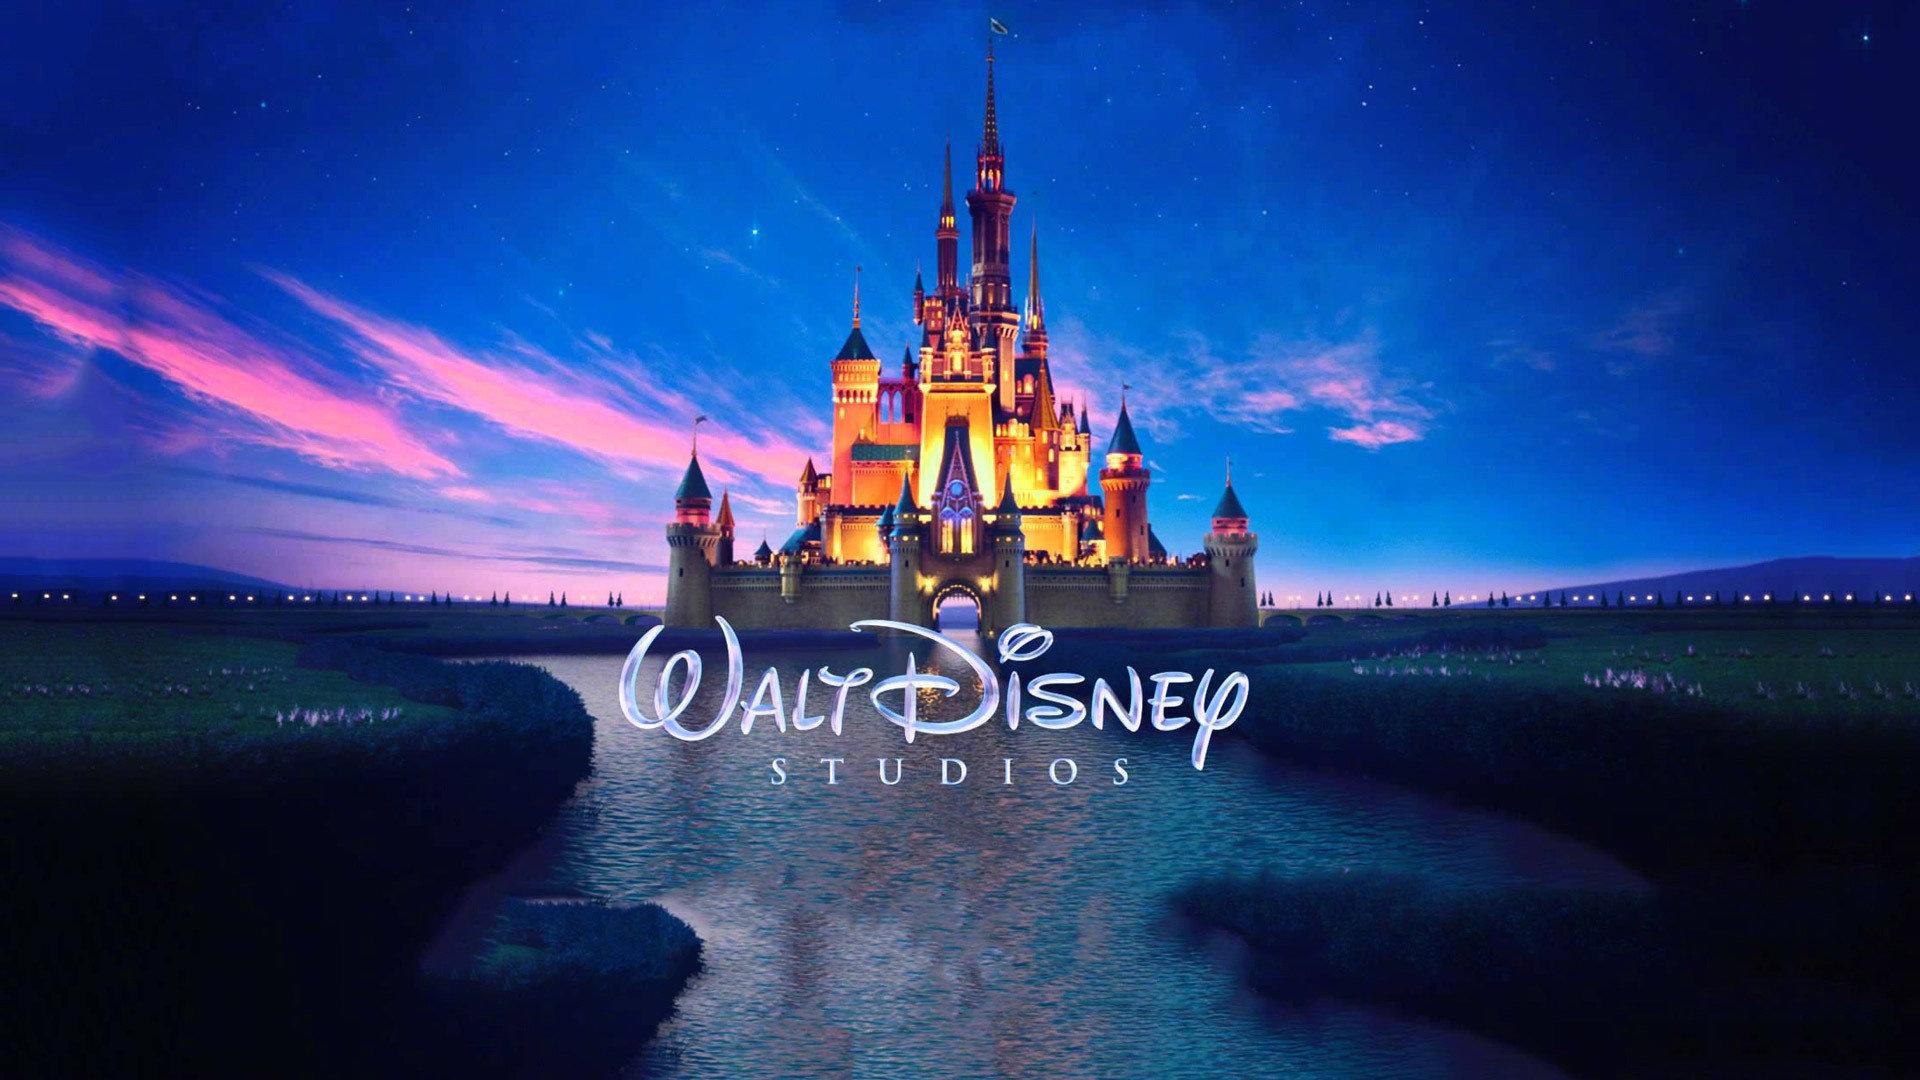 迪士尼影业年度票房创纪录,全年有望突破100亿美元